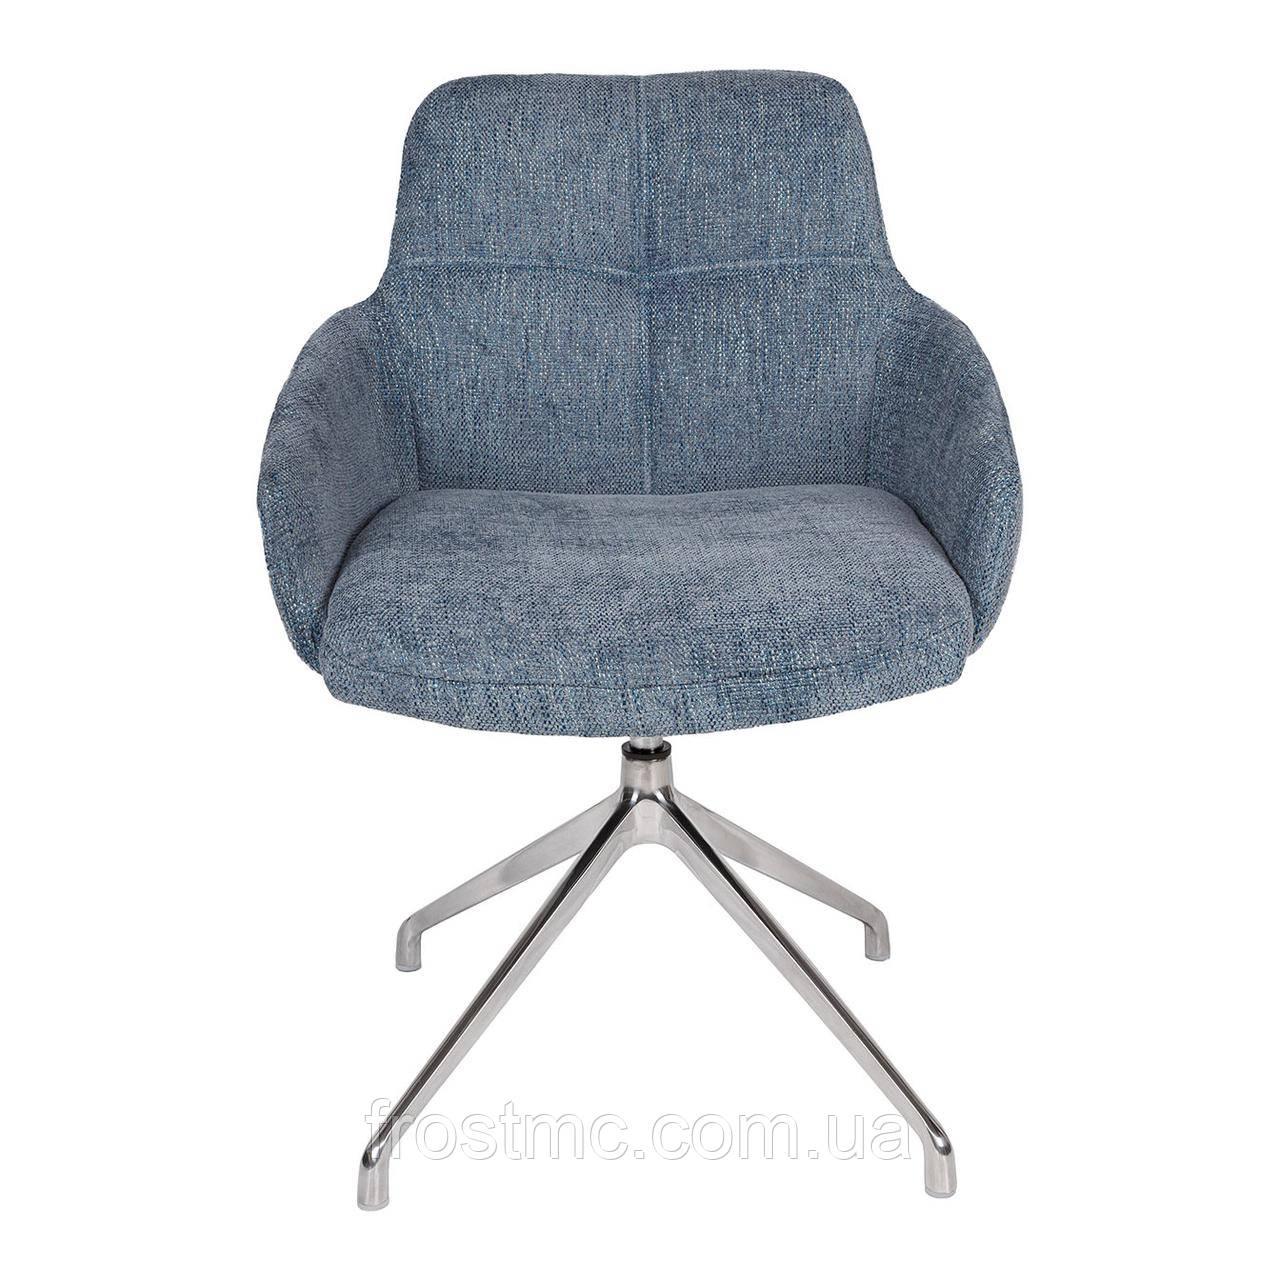 Крісло Nicolas Oliva F523A поворотне синє